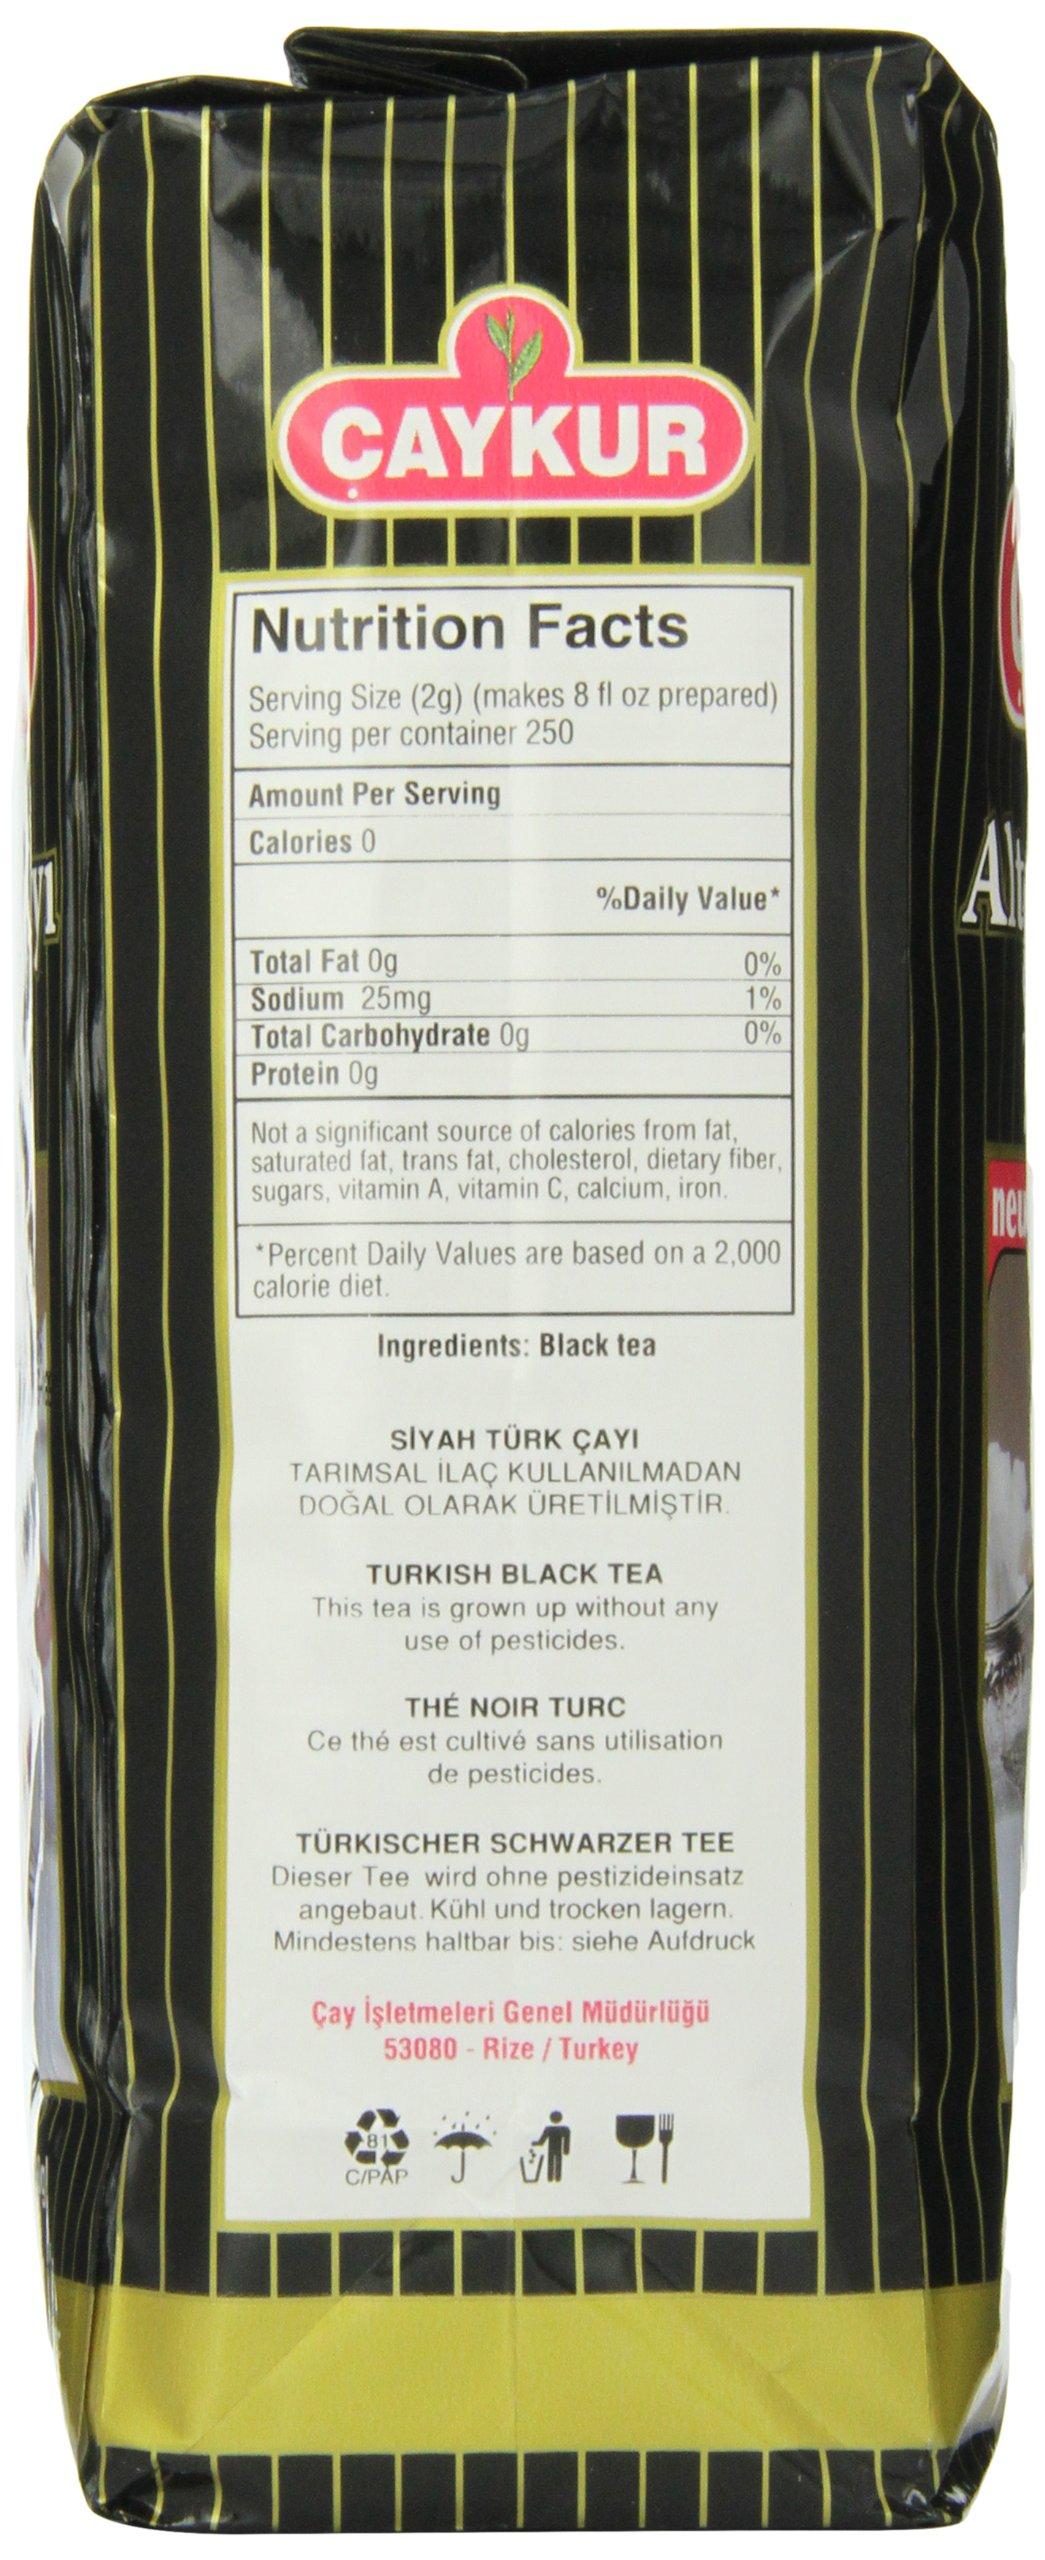 Caykur-Altinbas-Tee-Schwarzer-loser-Trkischer-Tee-500g